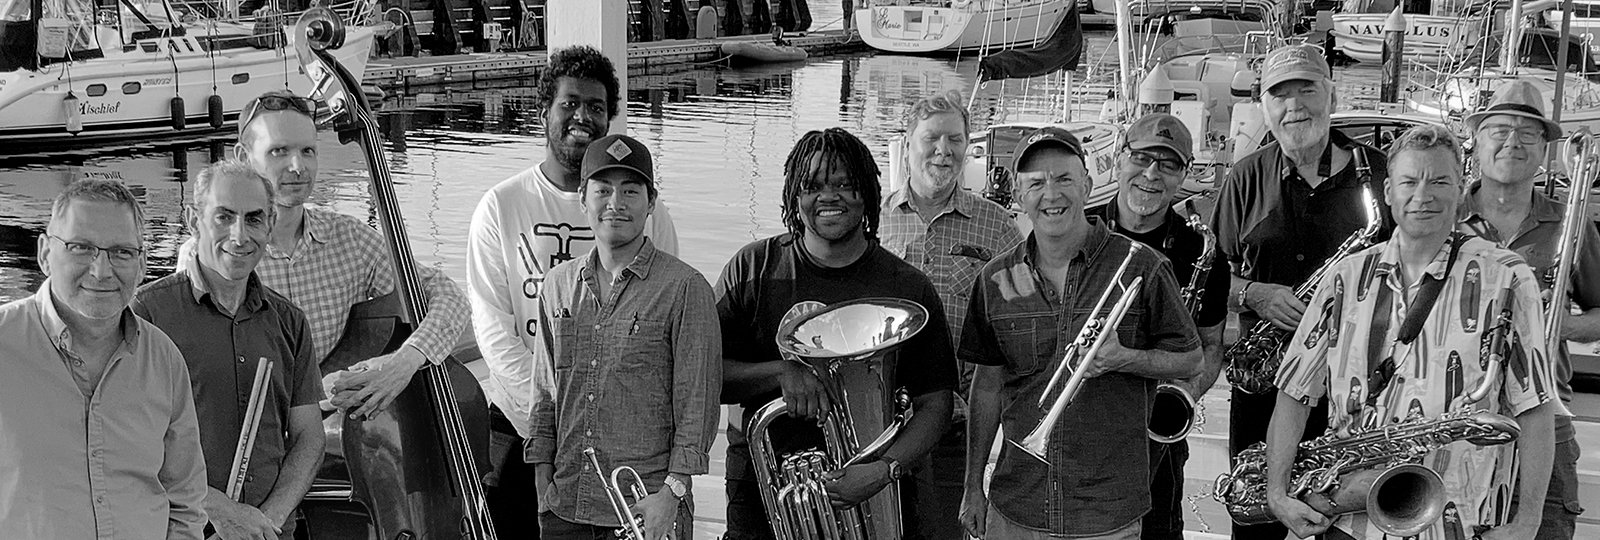 Jazz Apostates Dektette